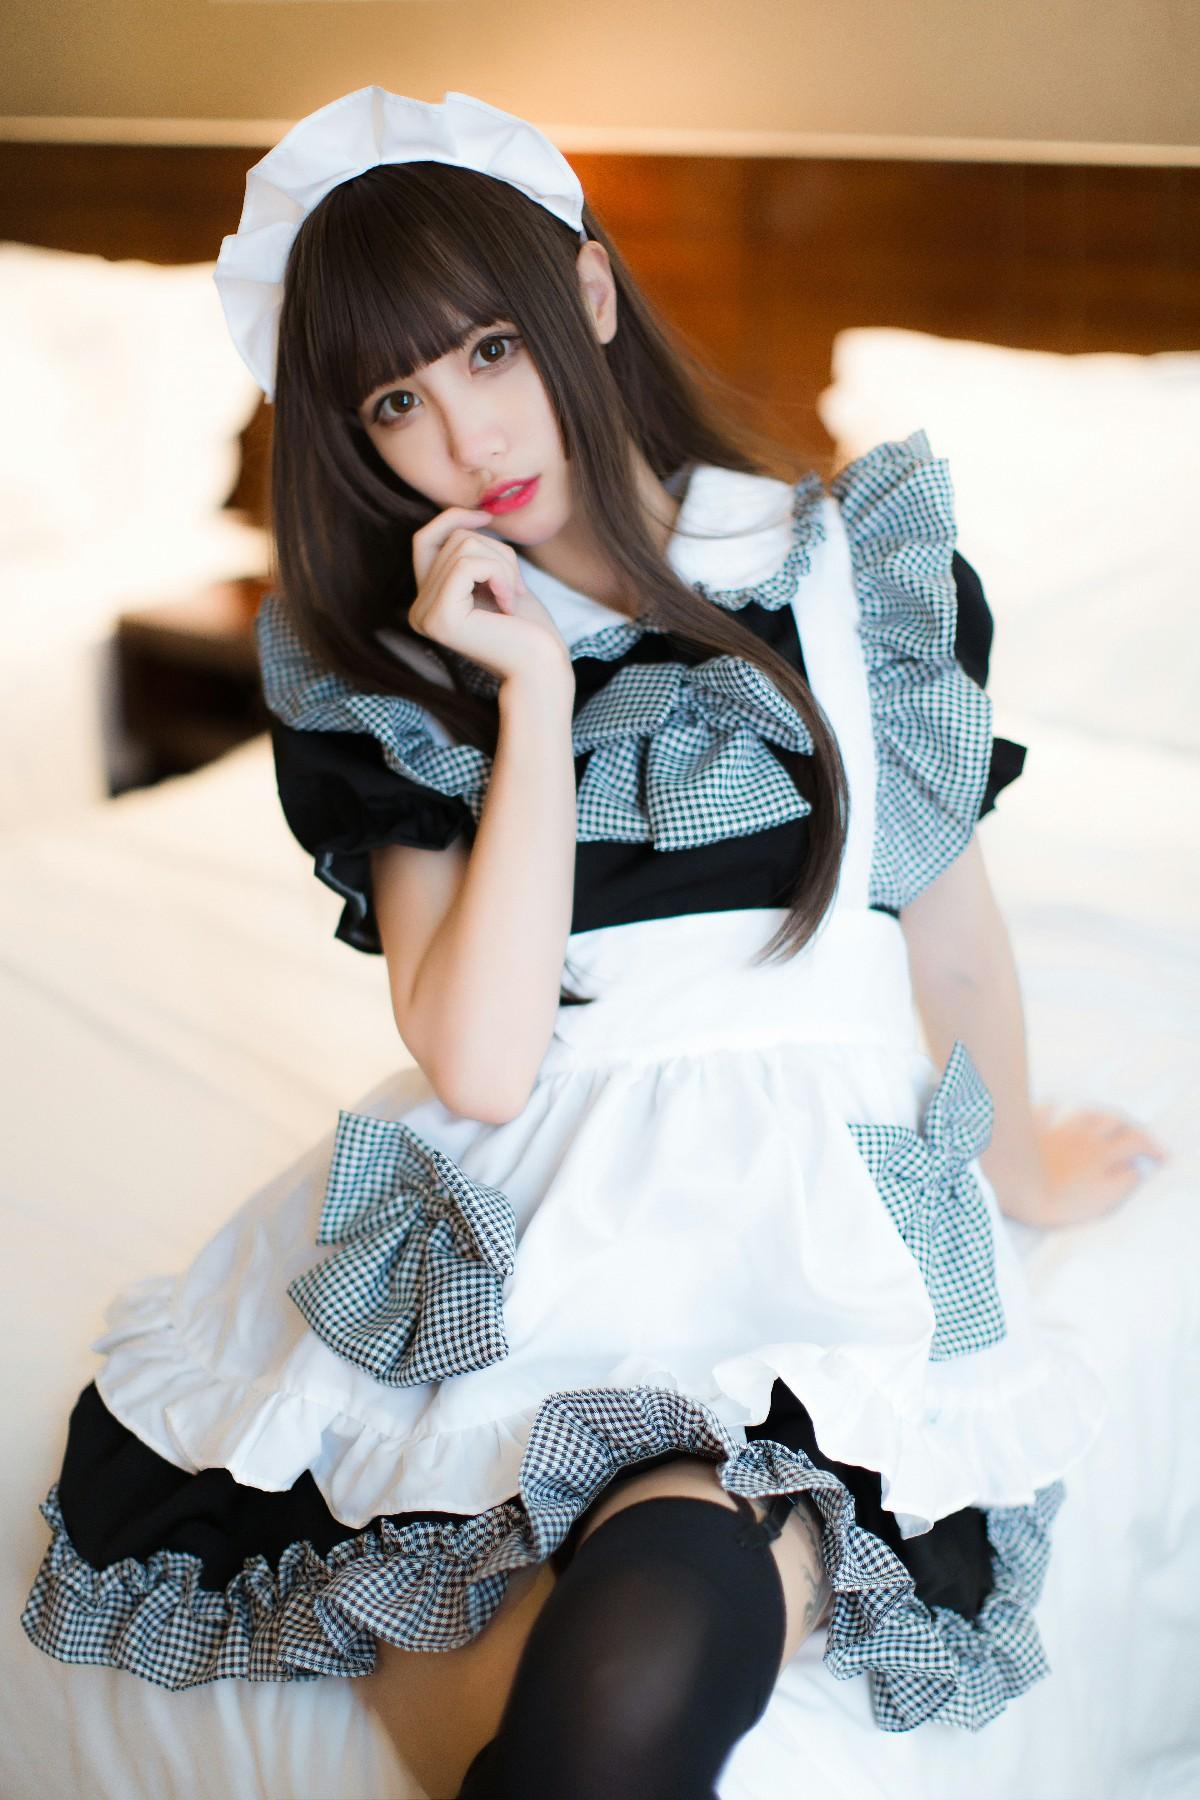 制服�y��zj��i�_【维池i】这么高冷可爱~女仆装xjk制服 你觉得那个更好看呢?